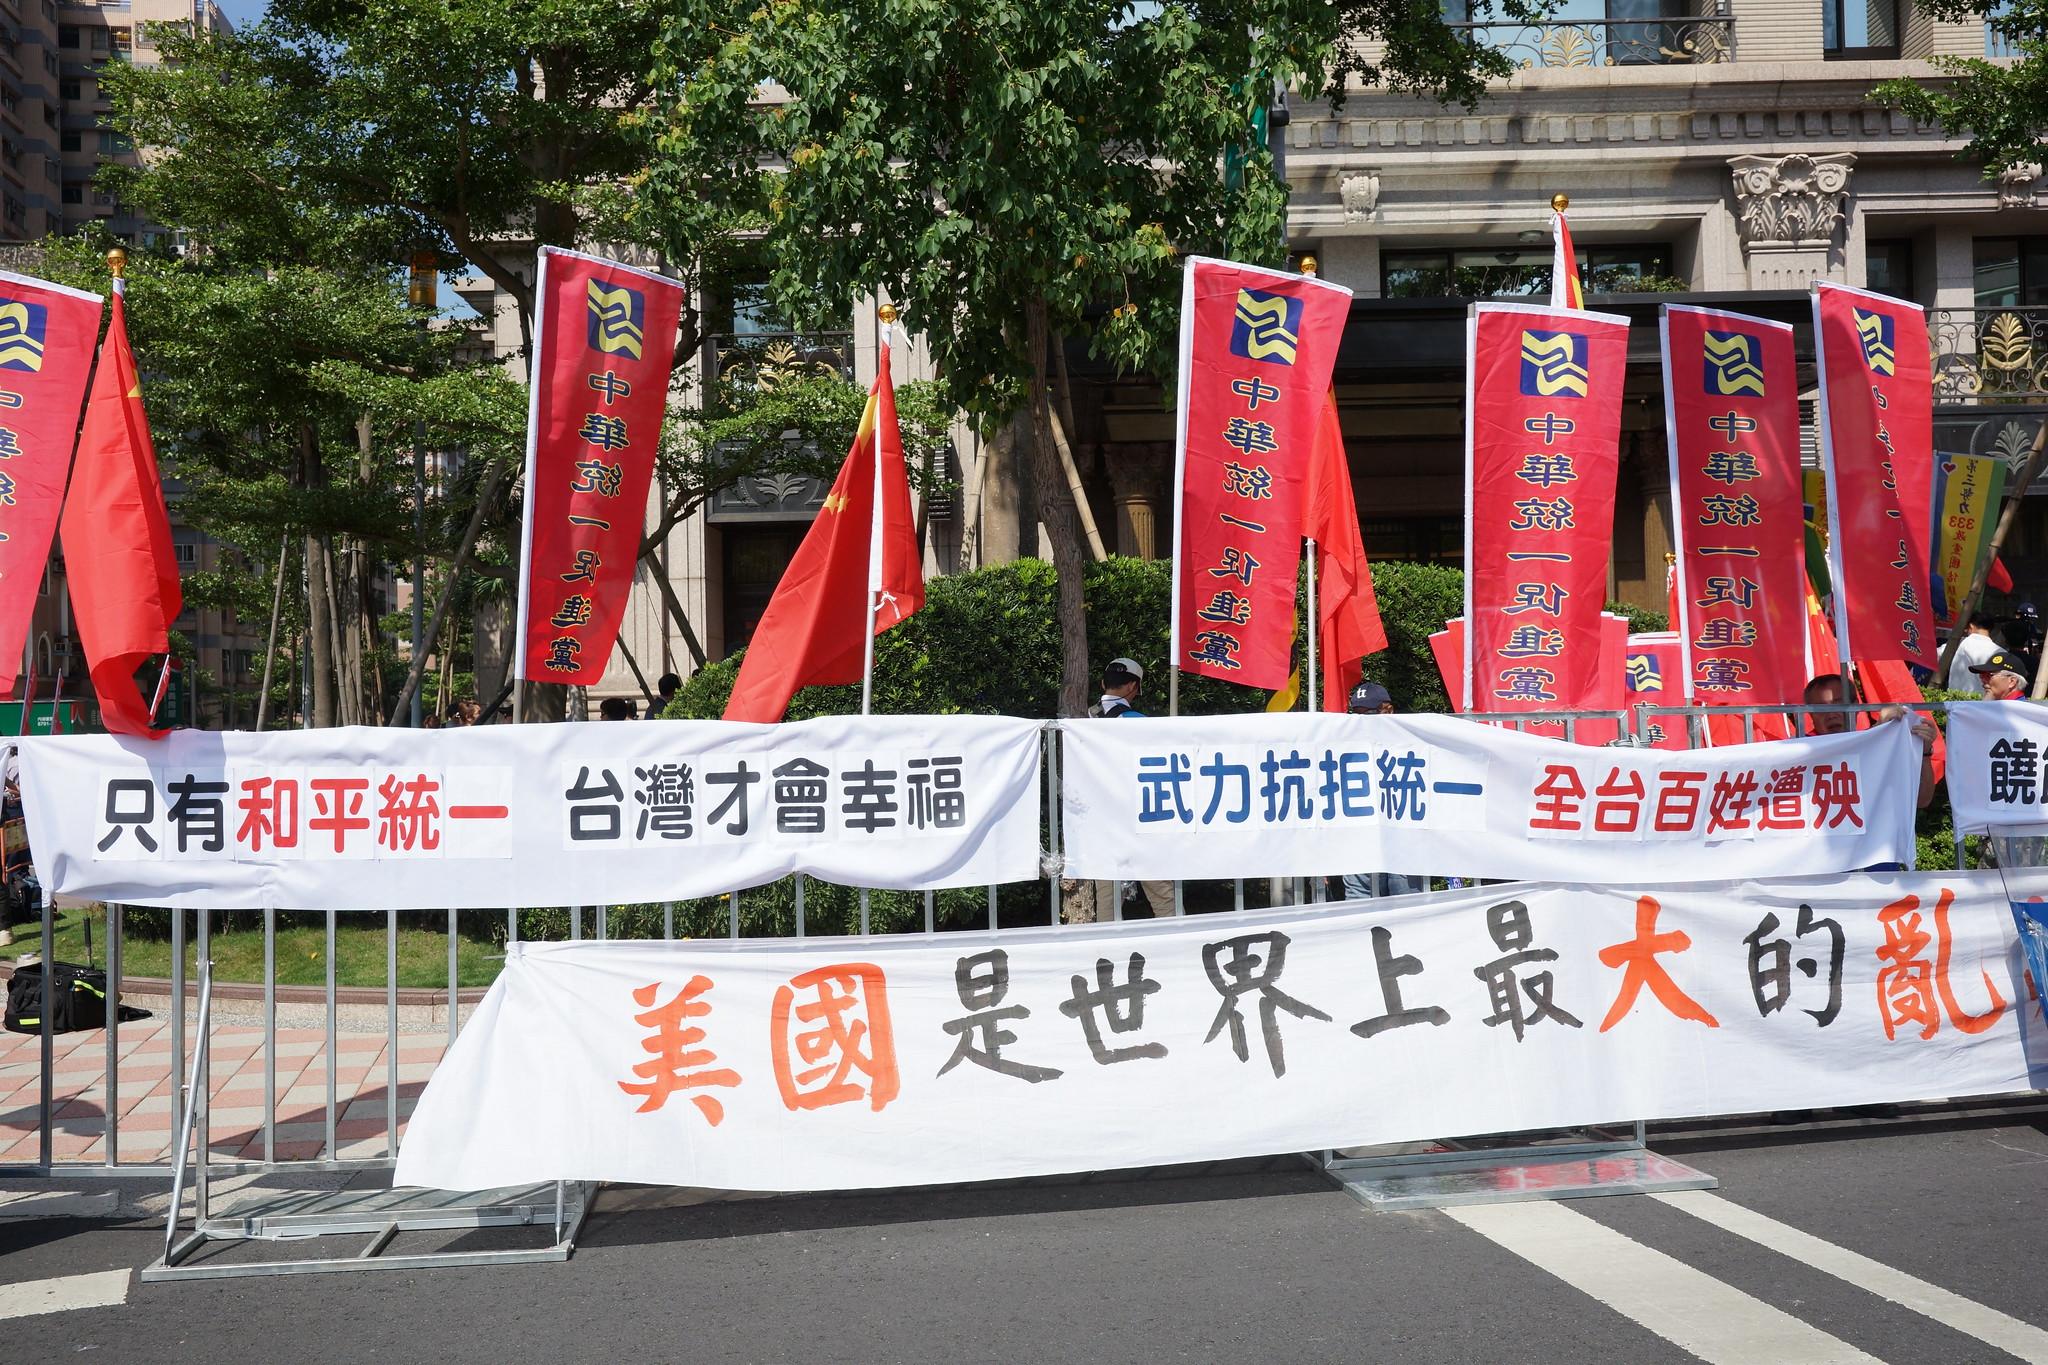 統派團體表示兩岸和平統一台灣才會幸福。(攝影:王顥中)